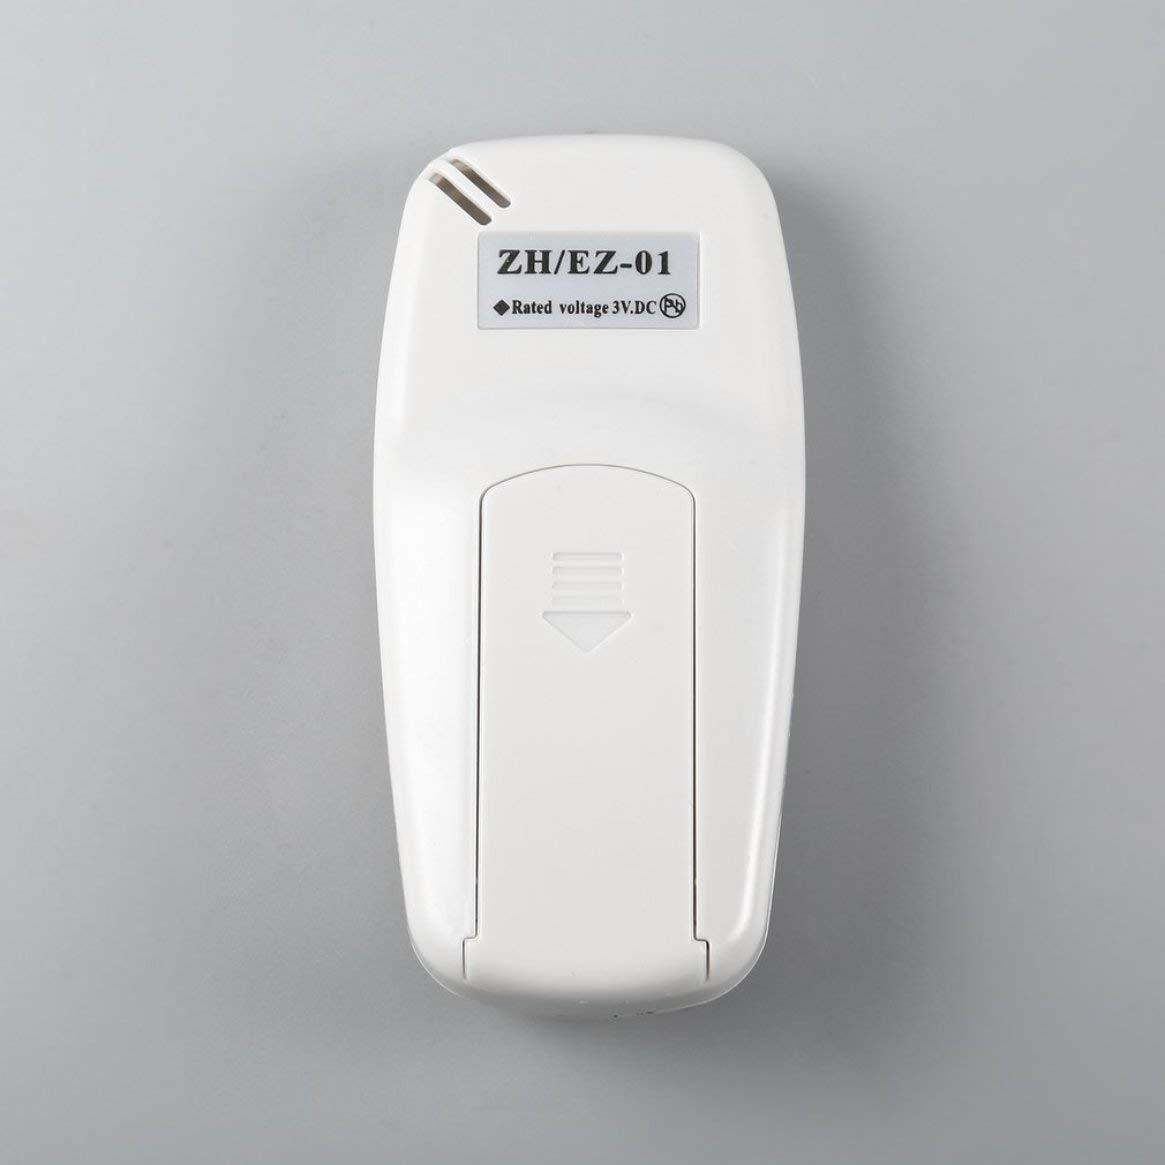 Gris Remplacement de t/él/écommande Universelle pour climatiseur Intelligent pour t/él/écommande de climatisation ZH//EZ-01 AC A//C